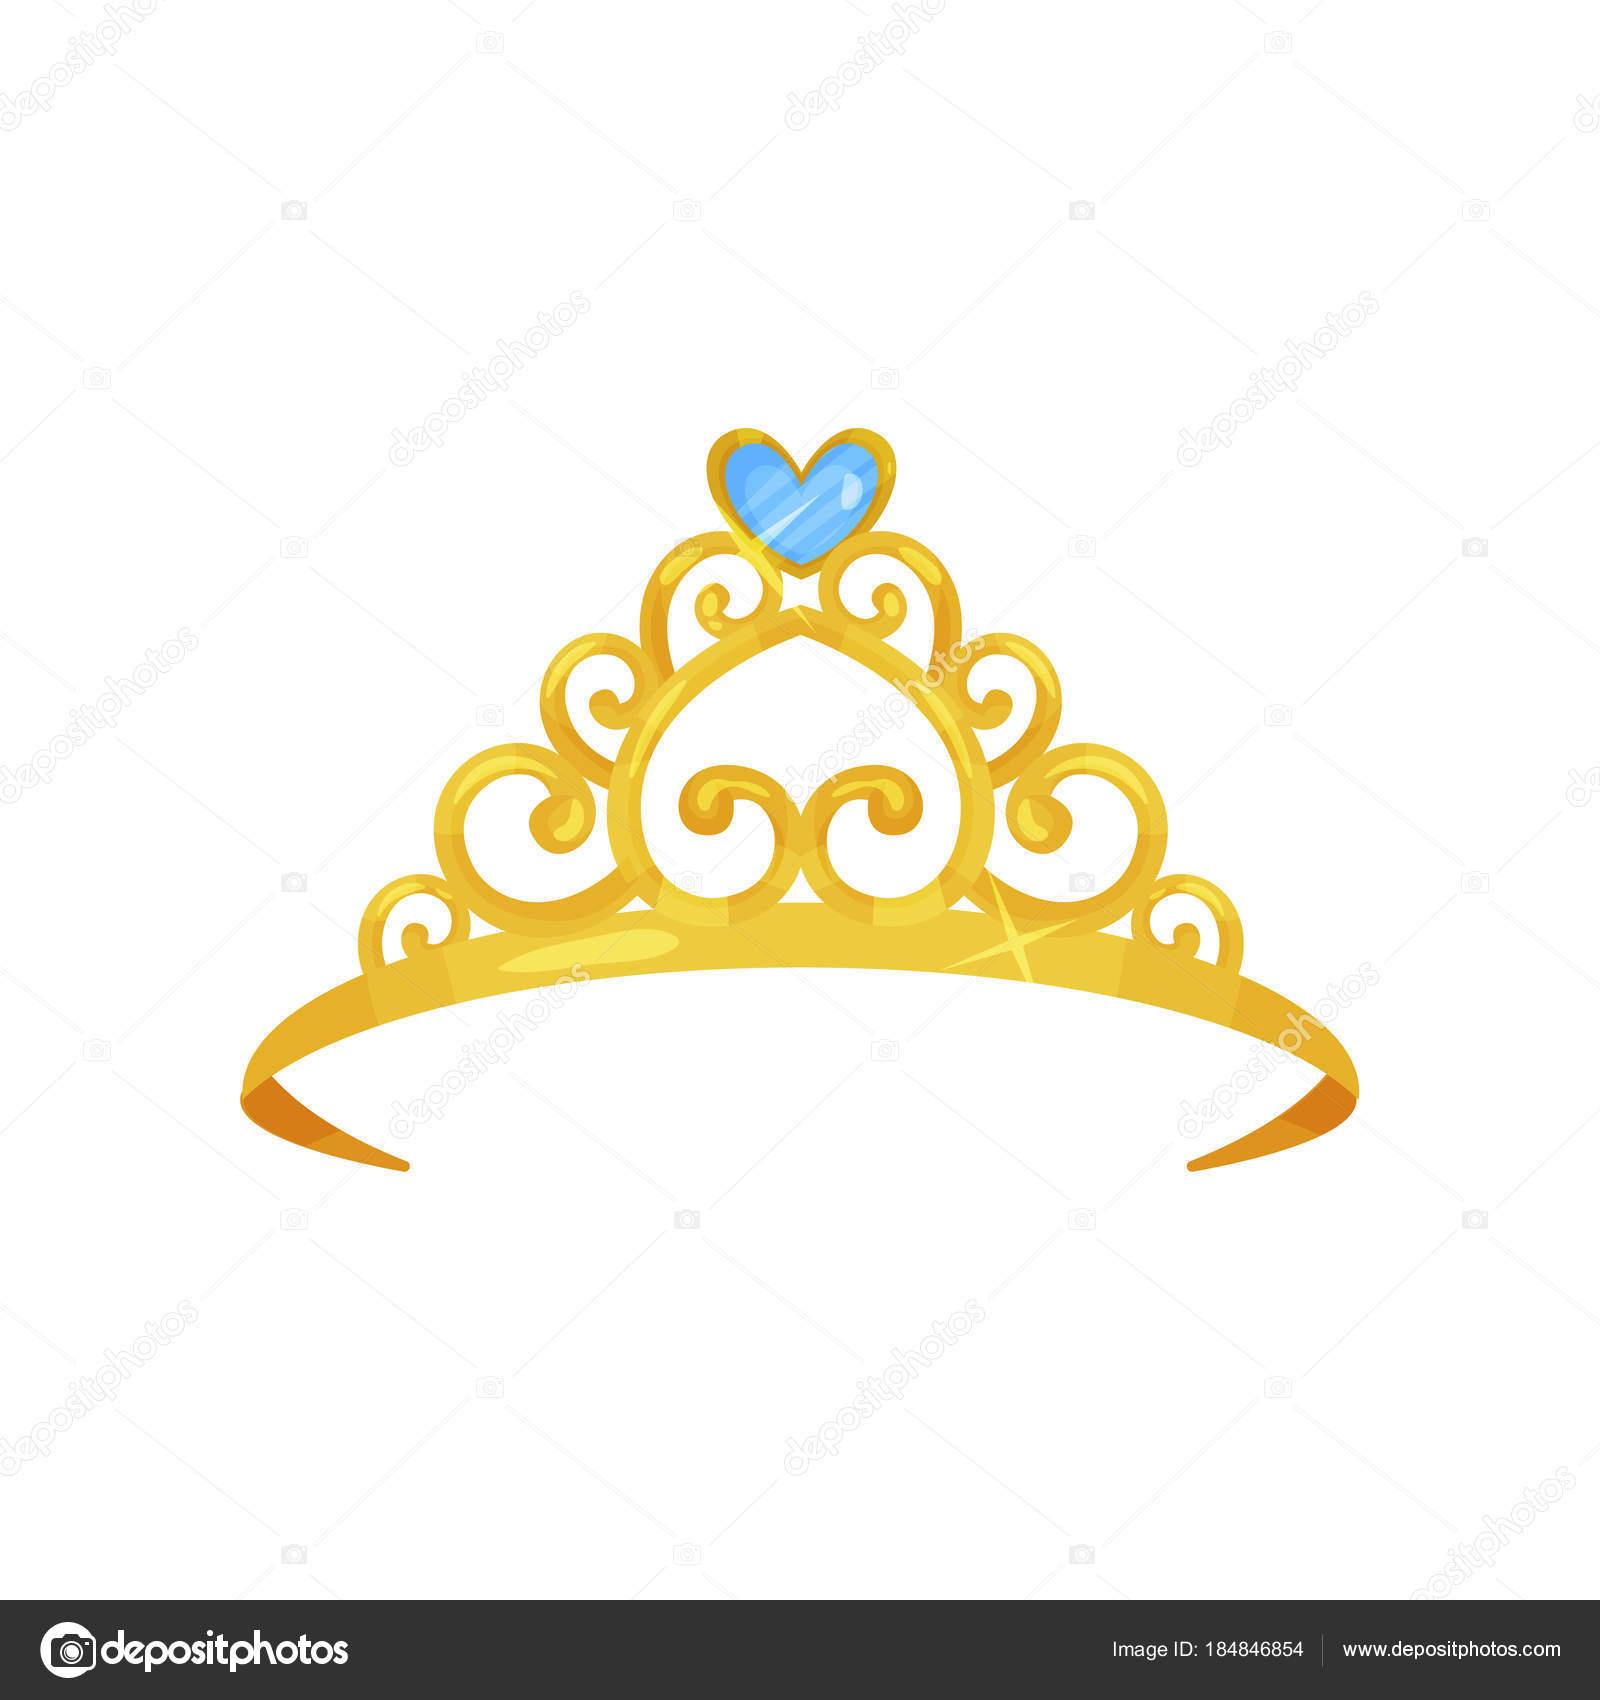 Dibujos Coronas De Reina Colorida Ilustración De Oro Corona De La